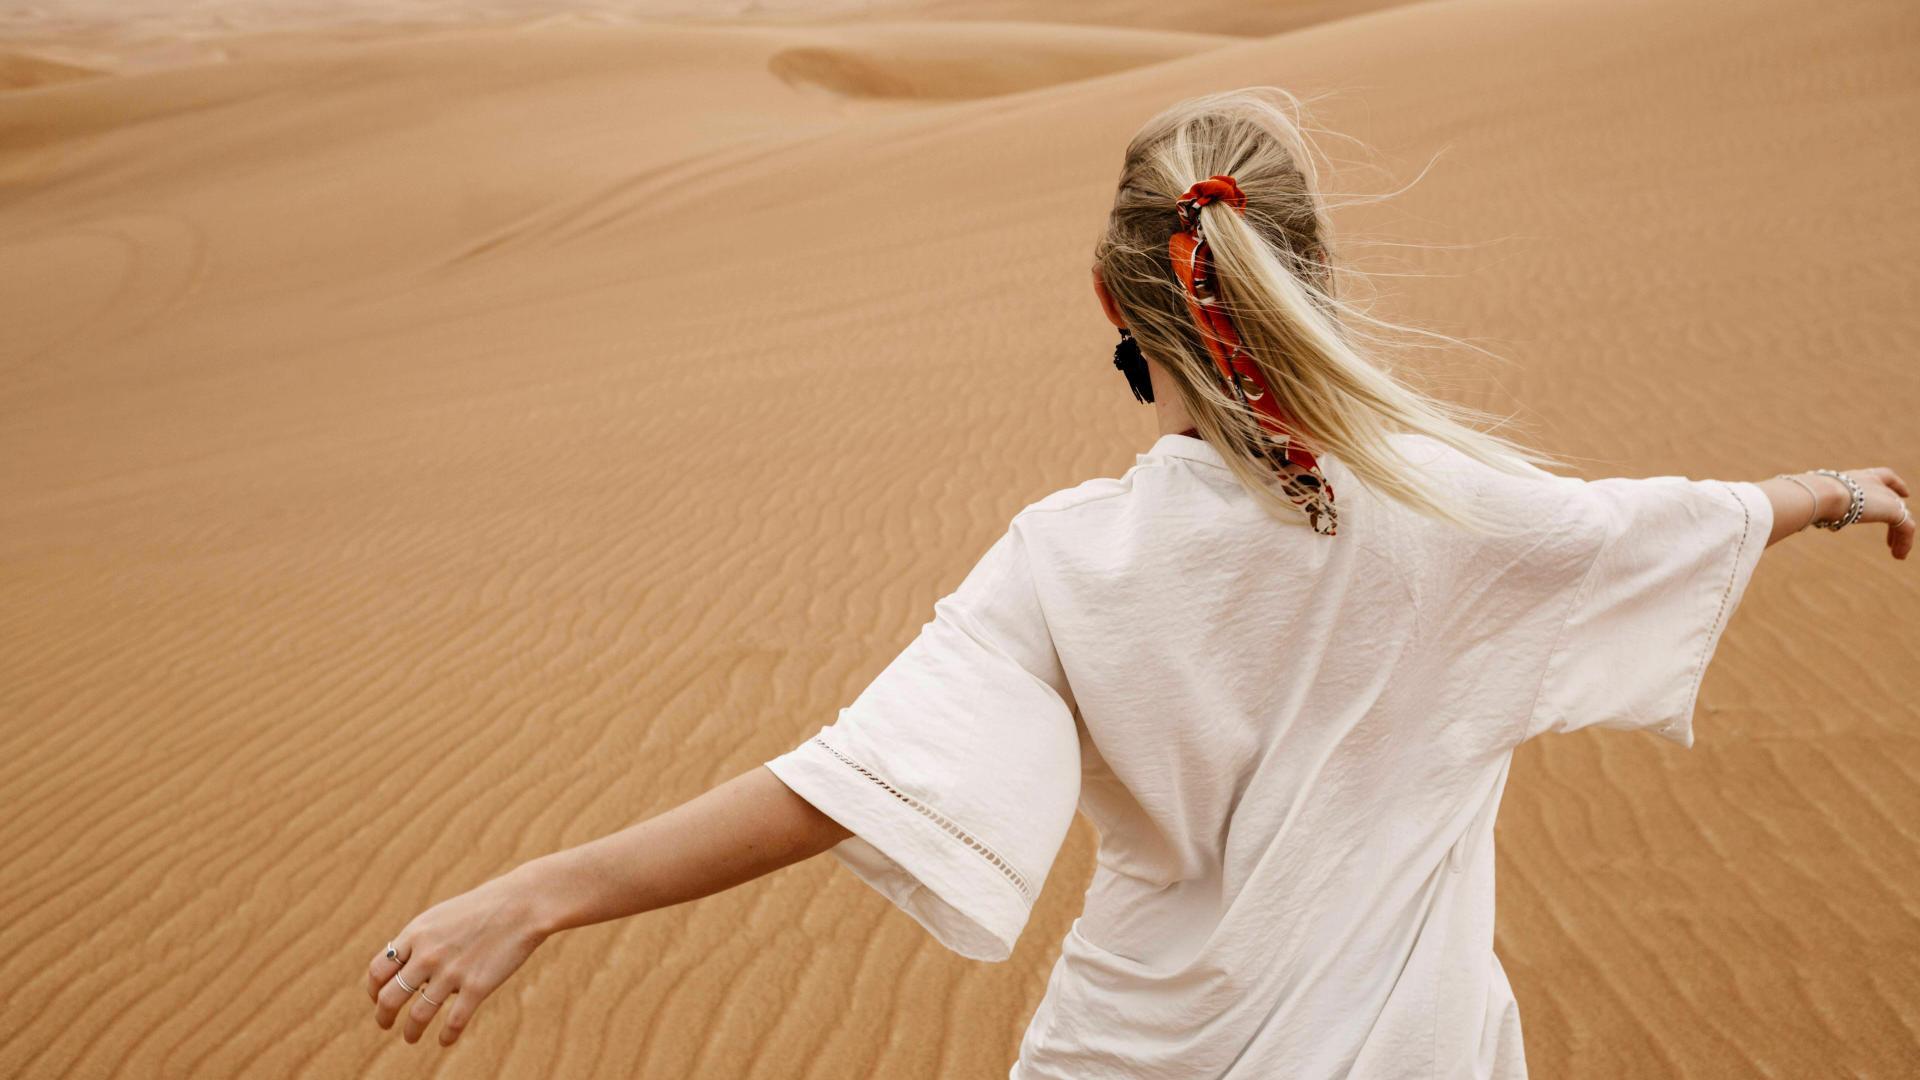 Junge Frau ist allein verreist und läuft fröhlich durch eine Wüste